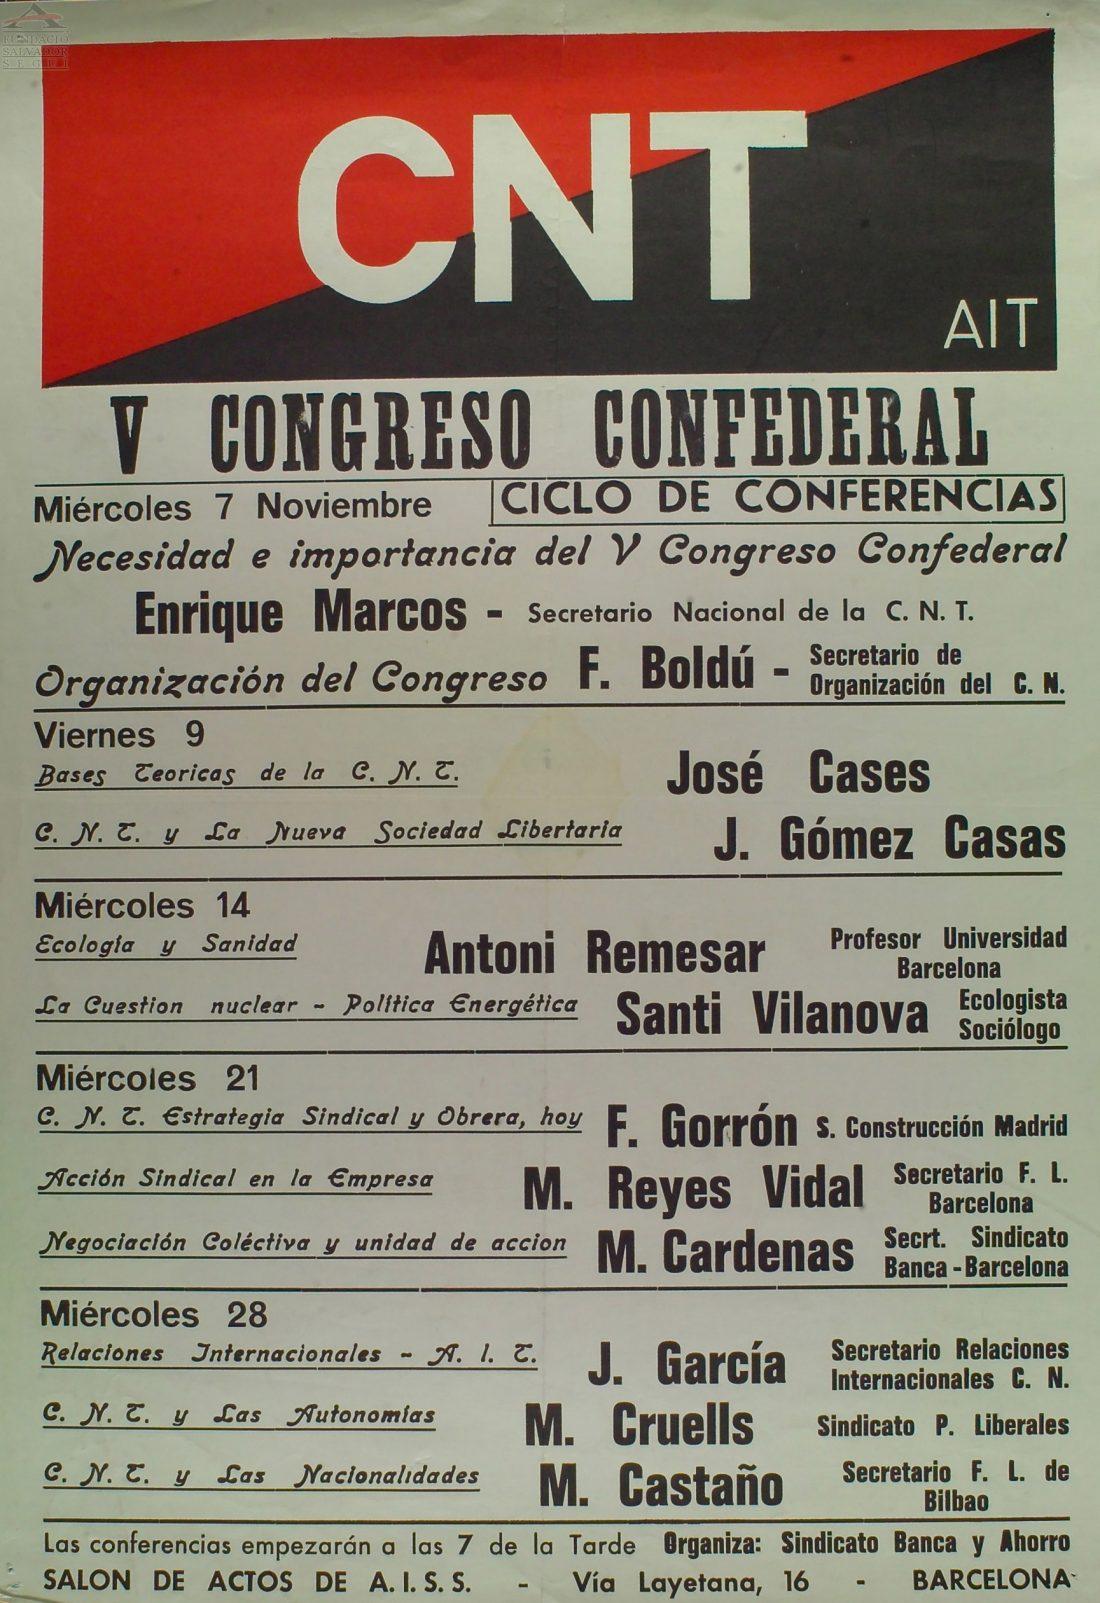 Cartel Ciclo Conferencias V Congreso CNT (Barcelona 1979)